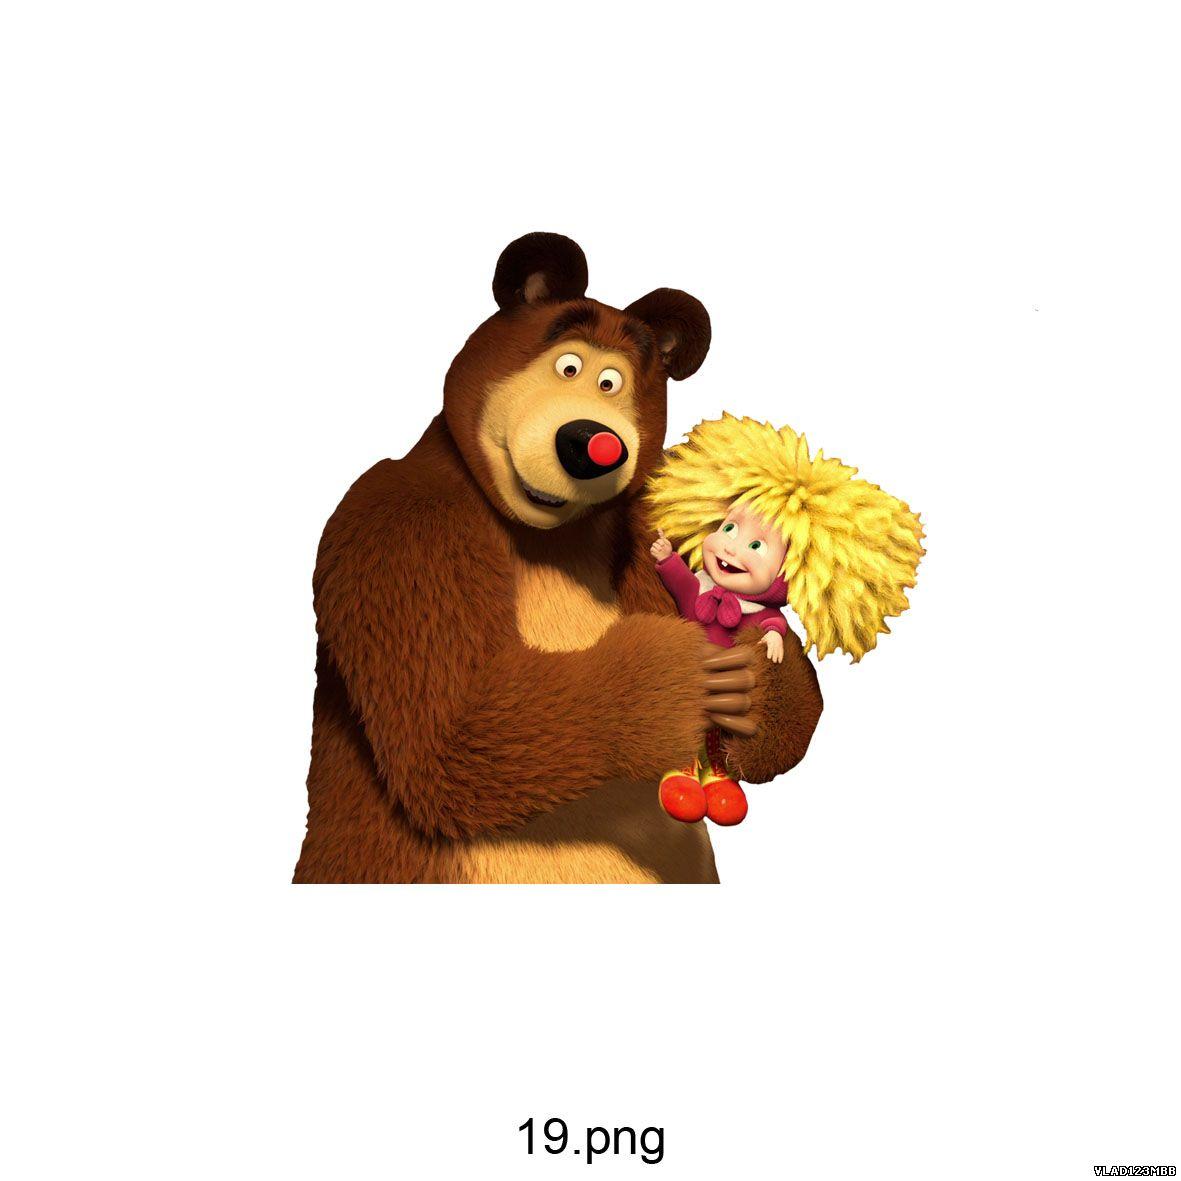 клипарт маша и медведь: